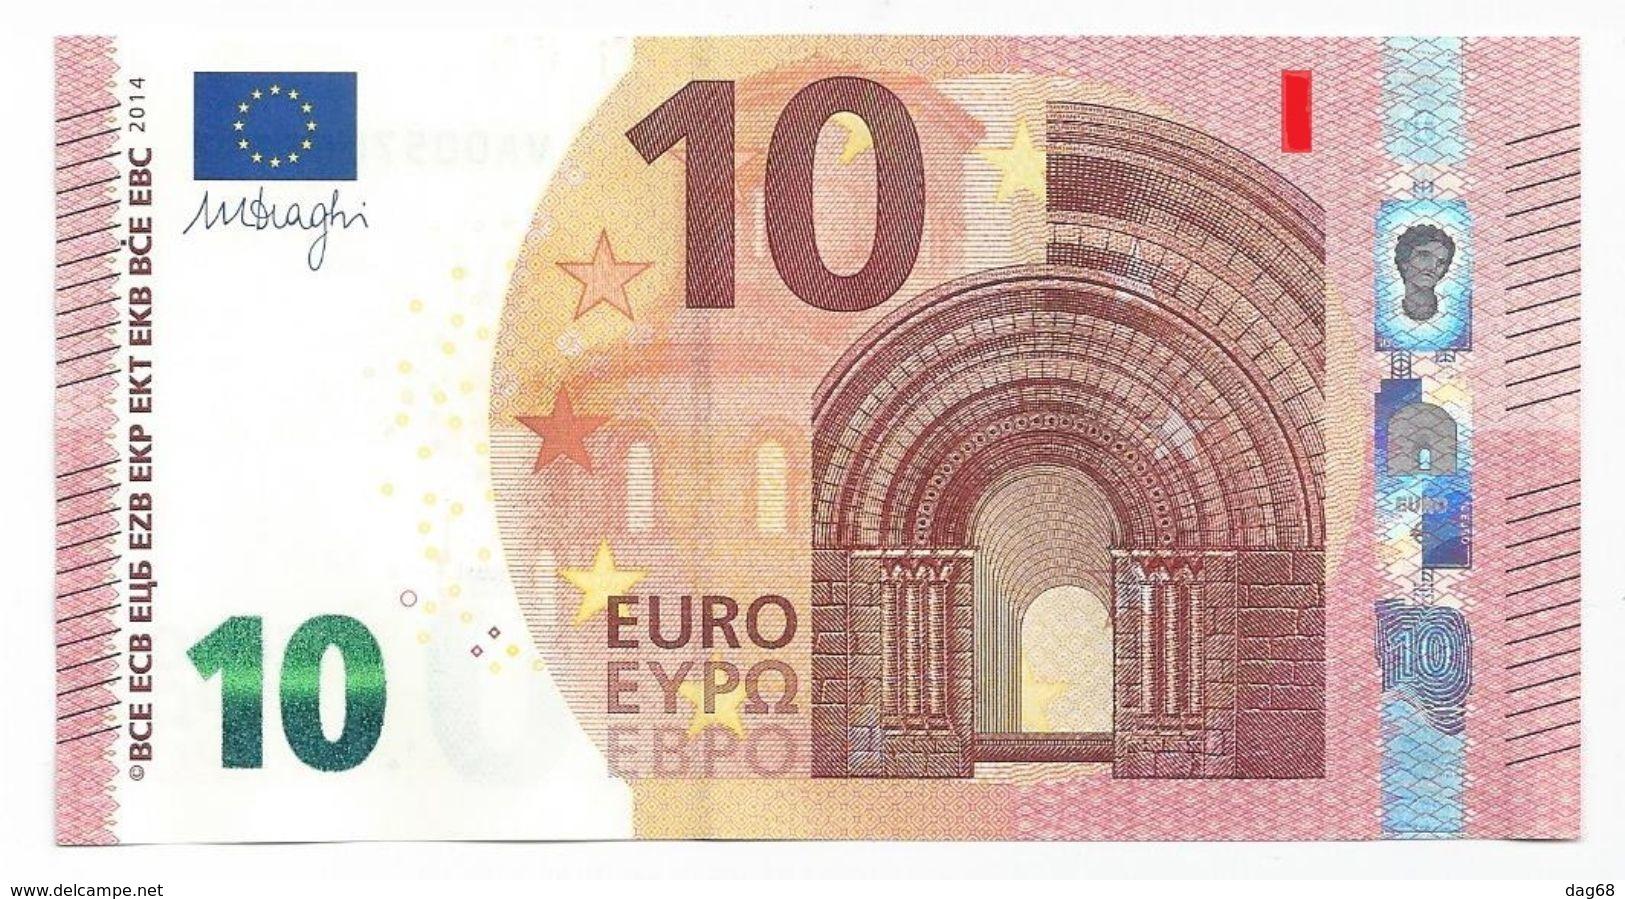 EURO FRANCE 10 U003 A1 UA007 UNC DRAGHI - EURO